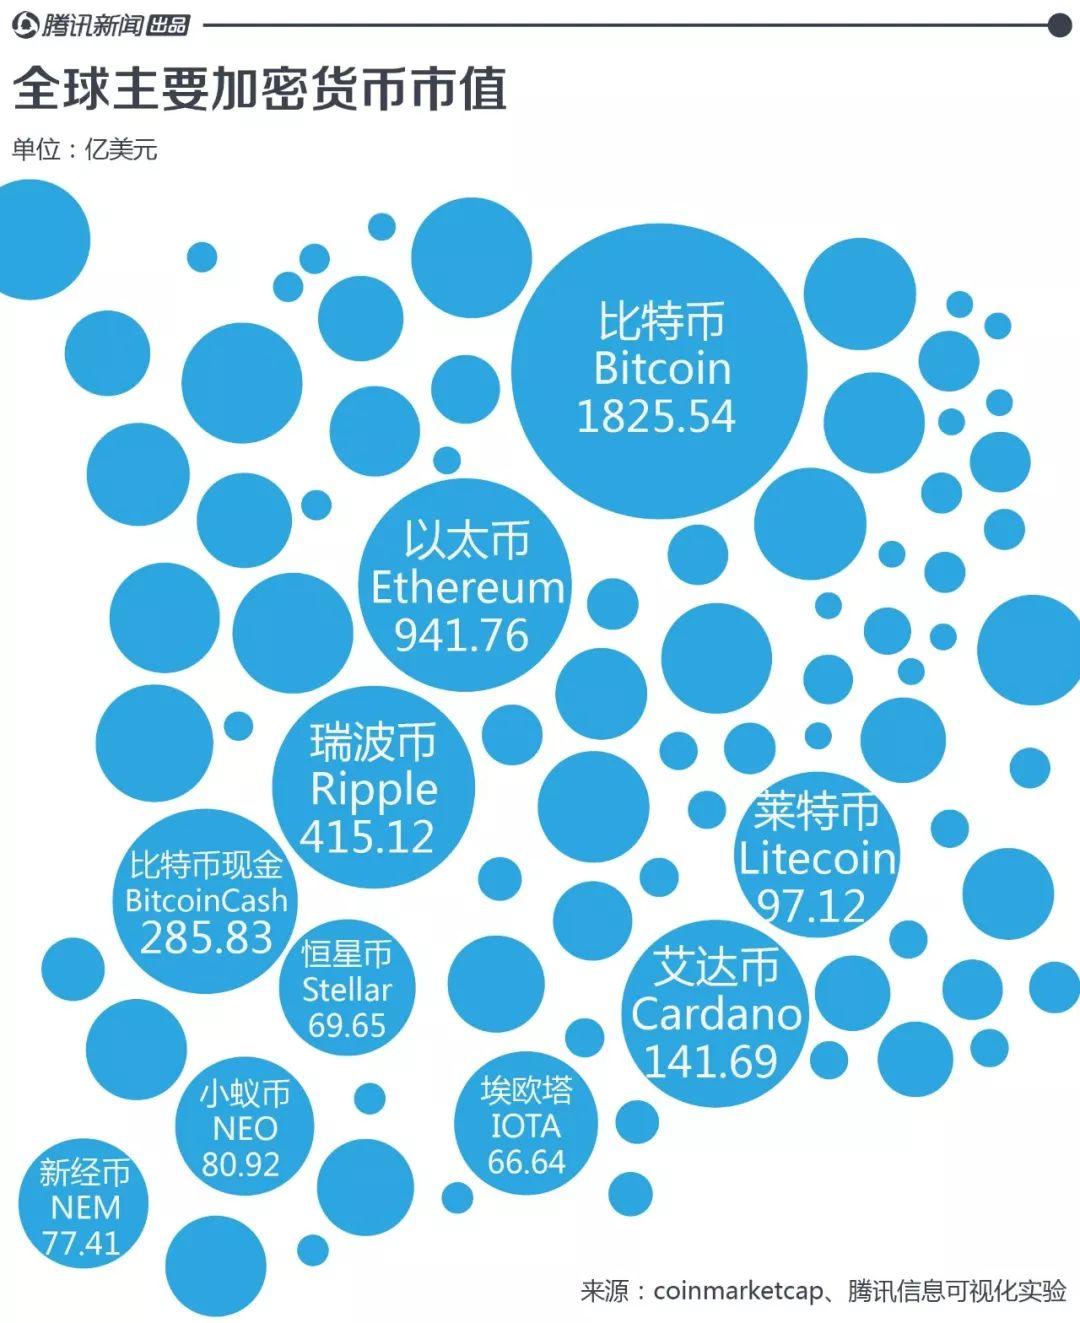 比特币崩盘背后:全球加密货币已经有1400多种!